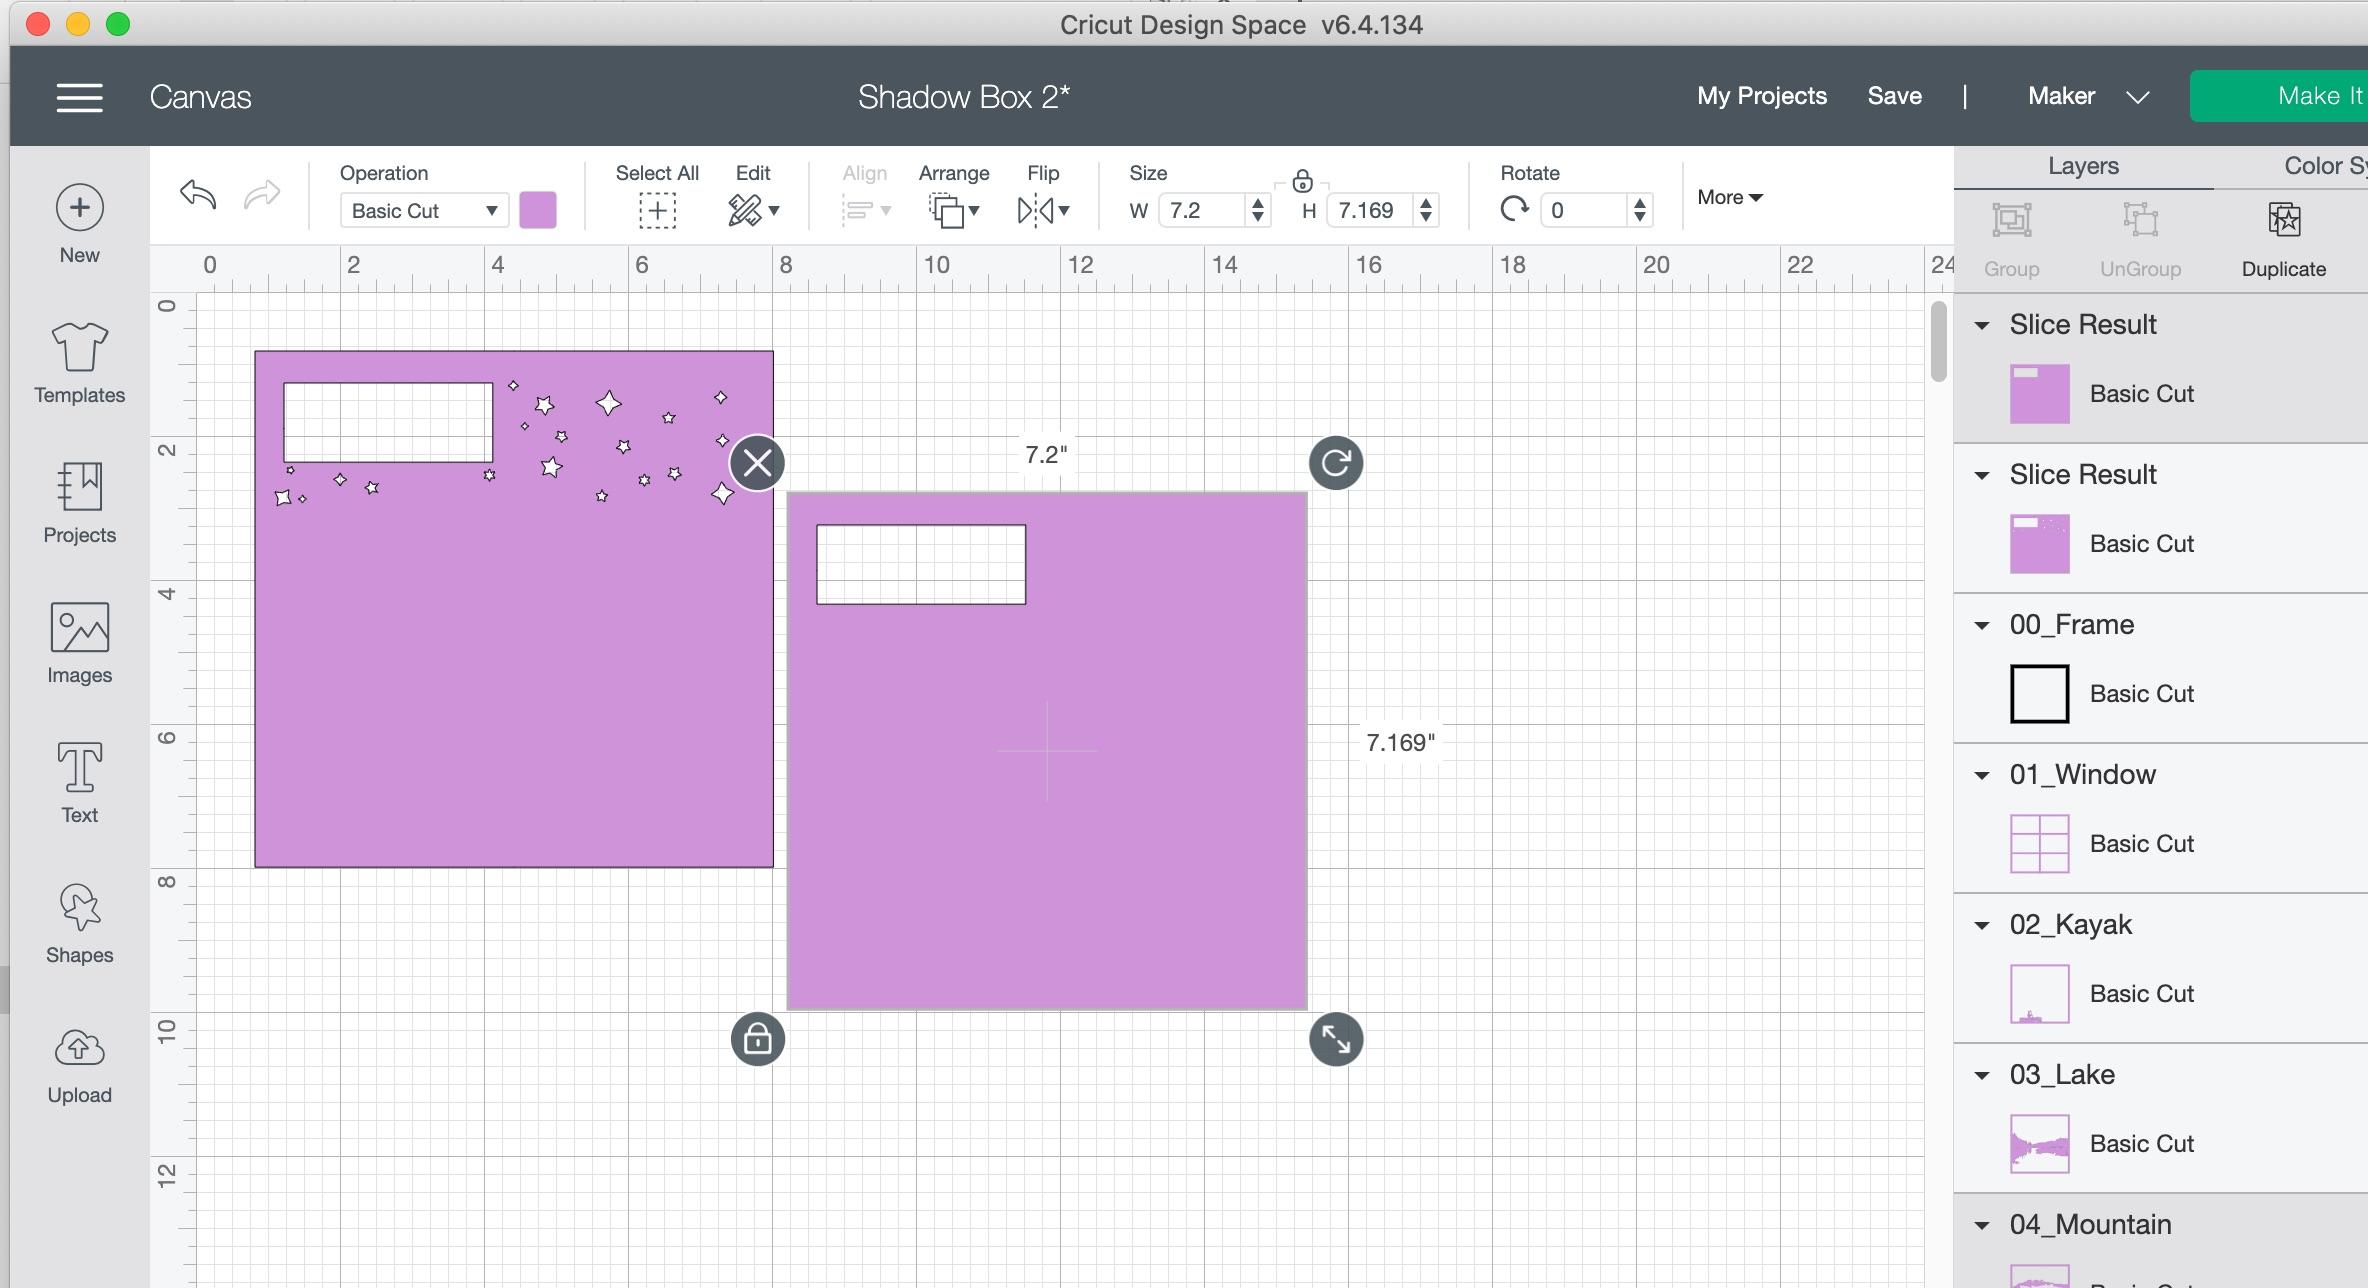 led_strips_cricut11_sliceresult.jpg